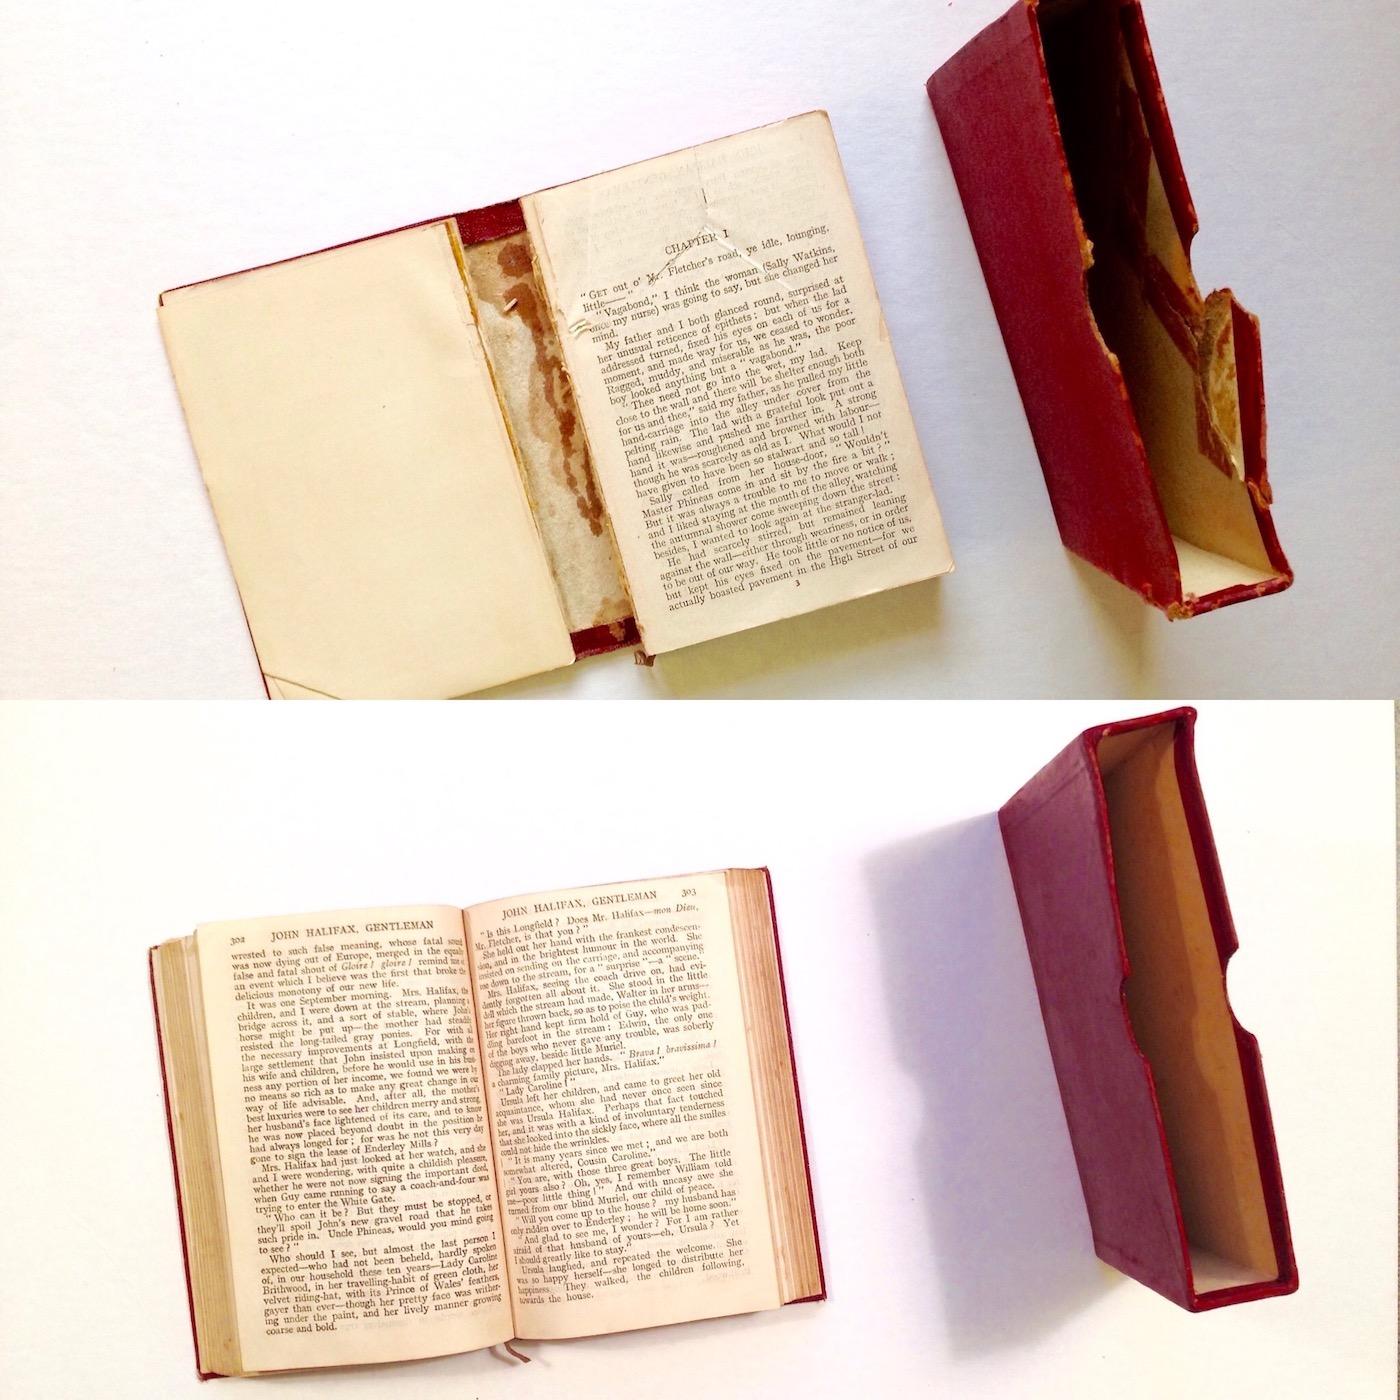 Restoration of a novel